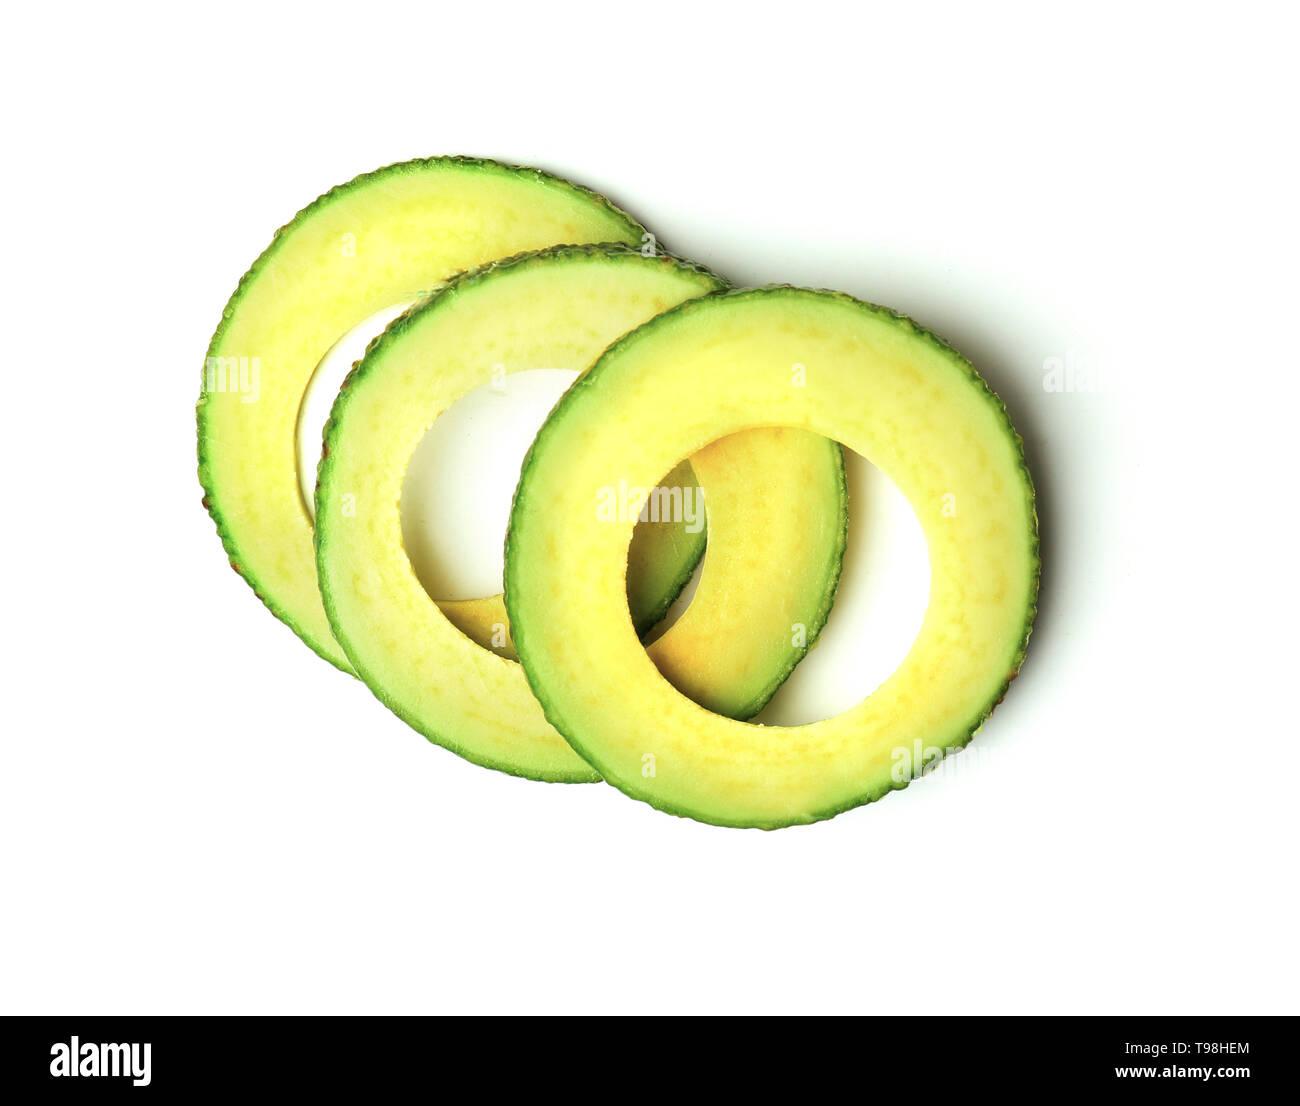 Slices of ripe fresh avocado on white background - Stock Image